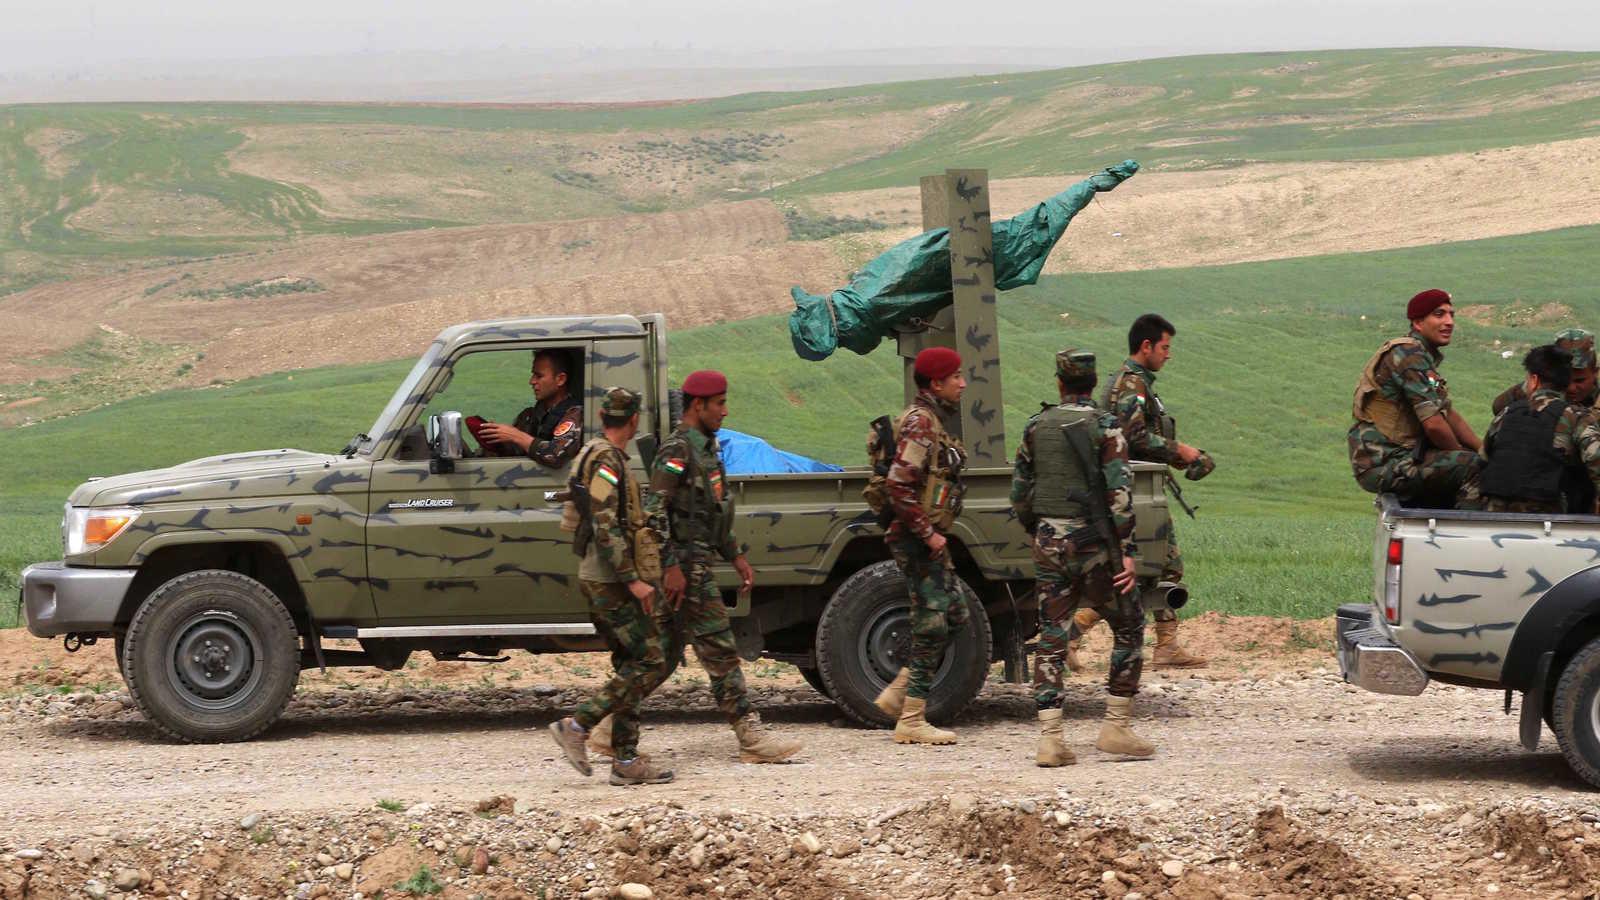 """""""مەسرور بارزانی داوای لە ئەمریكا كردووە هێز لەنێوان باشور و رۆژئاوای كوردستان جێگیربكەن"""""""